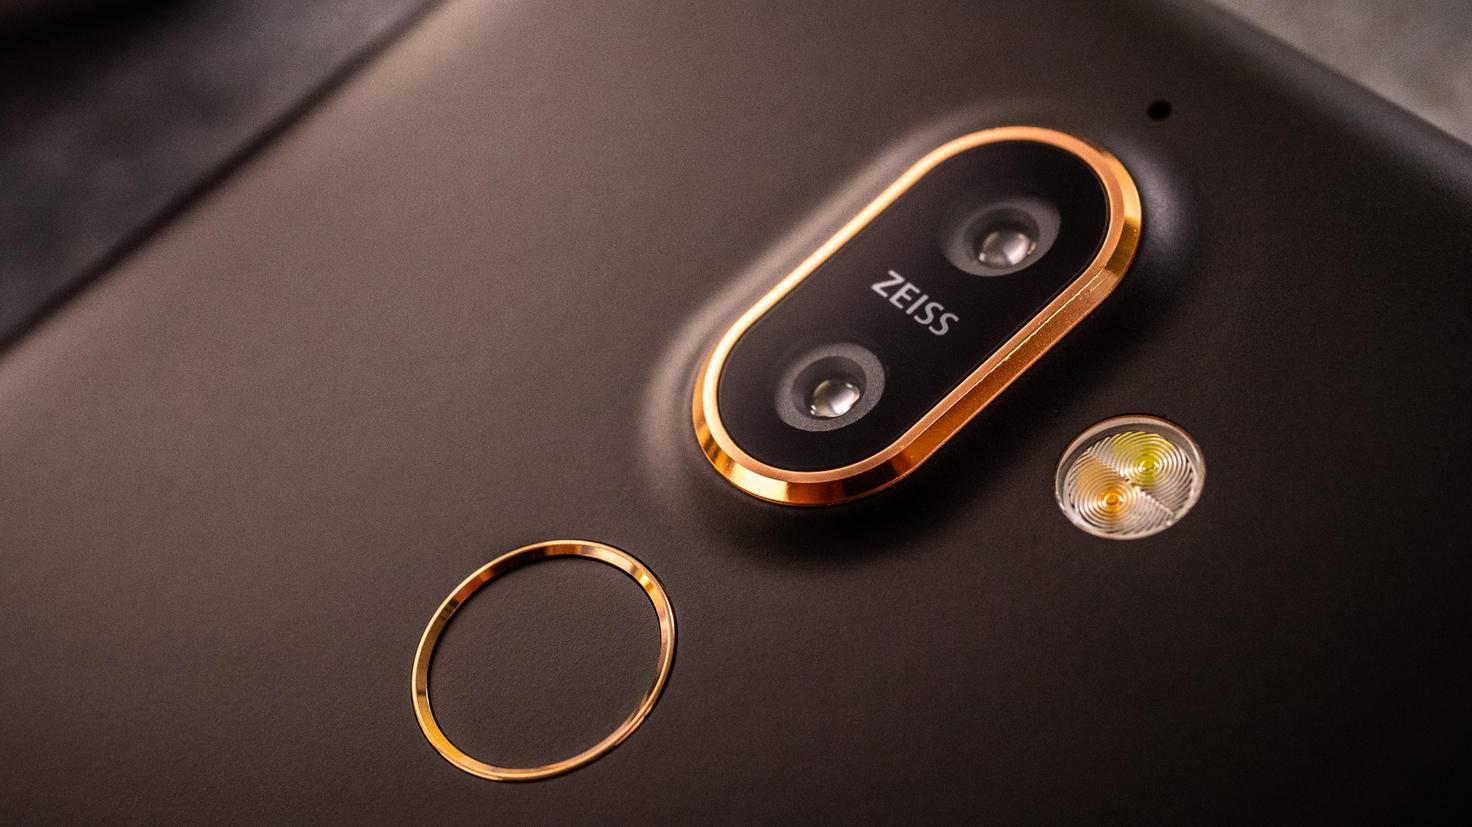 Nokia-7-Plus-Dual-Kamera-TURN-ON